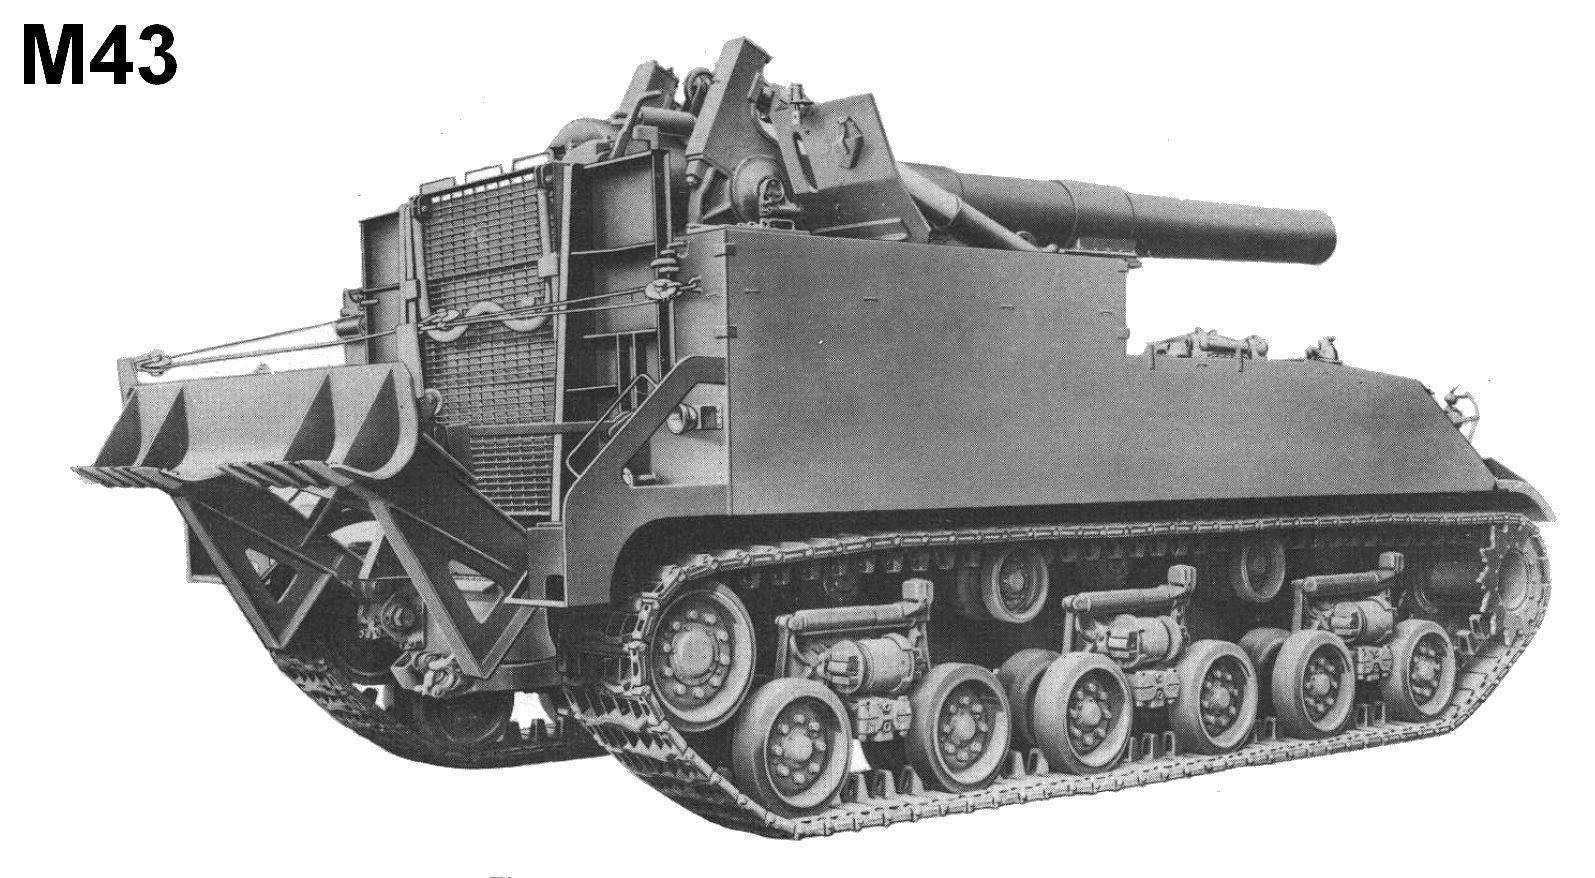 M43 rear view